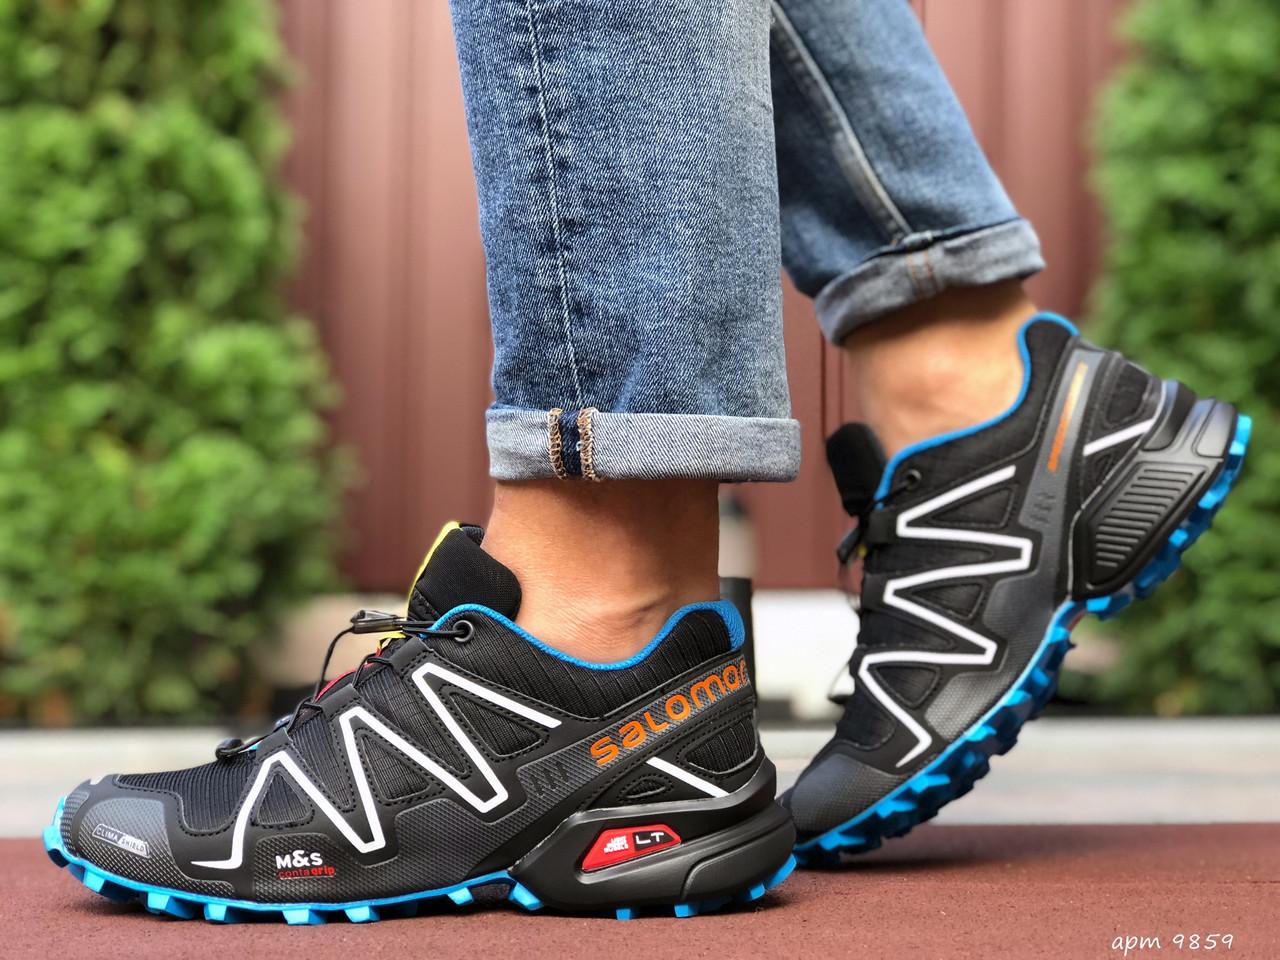 Кросівки чоловічі для бігу і залу Salomon Speedcross 3,чорно-білі з синім